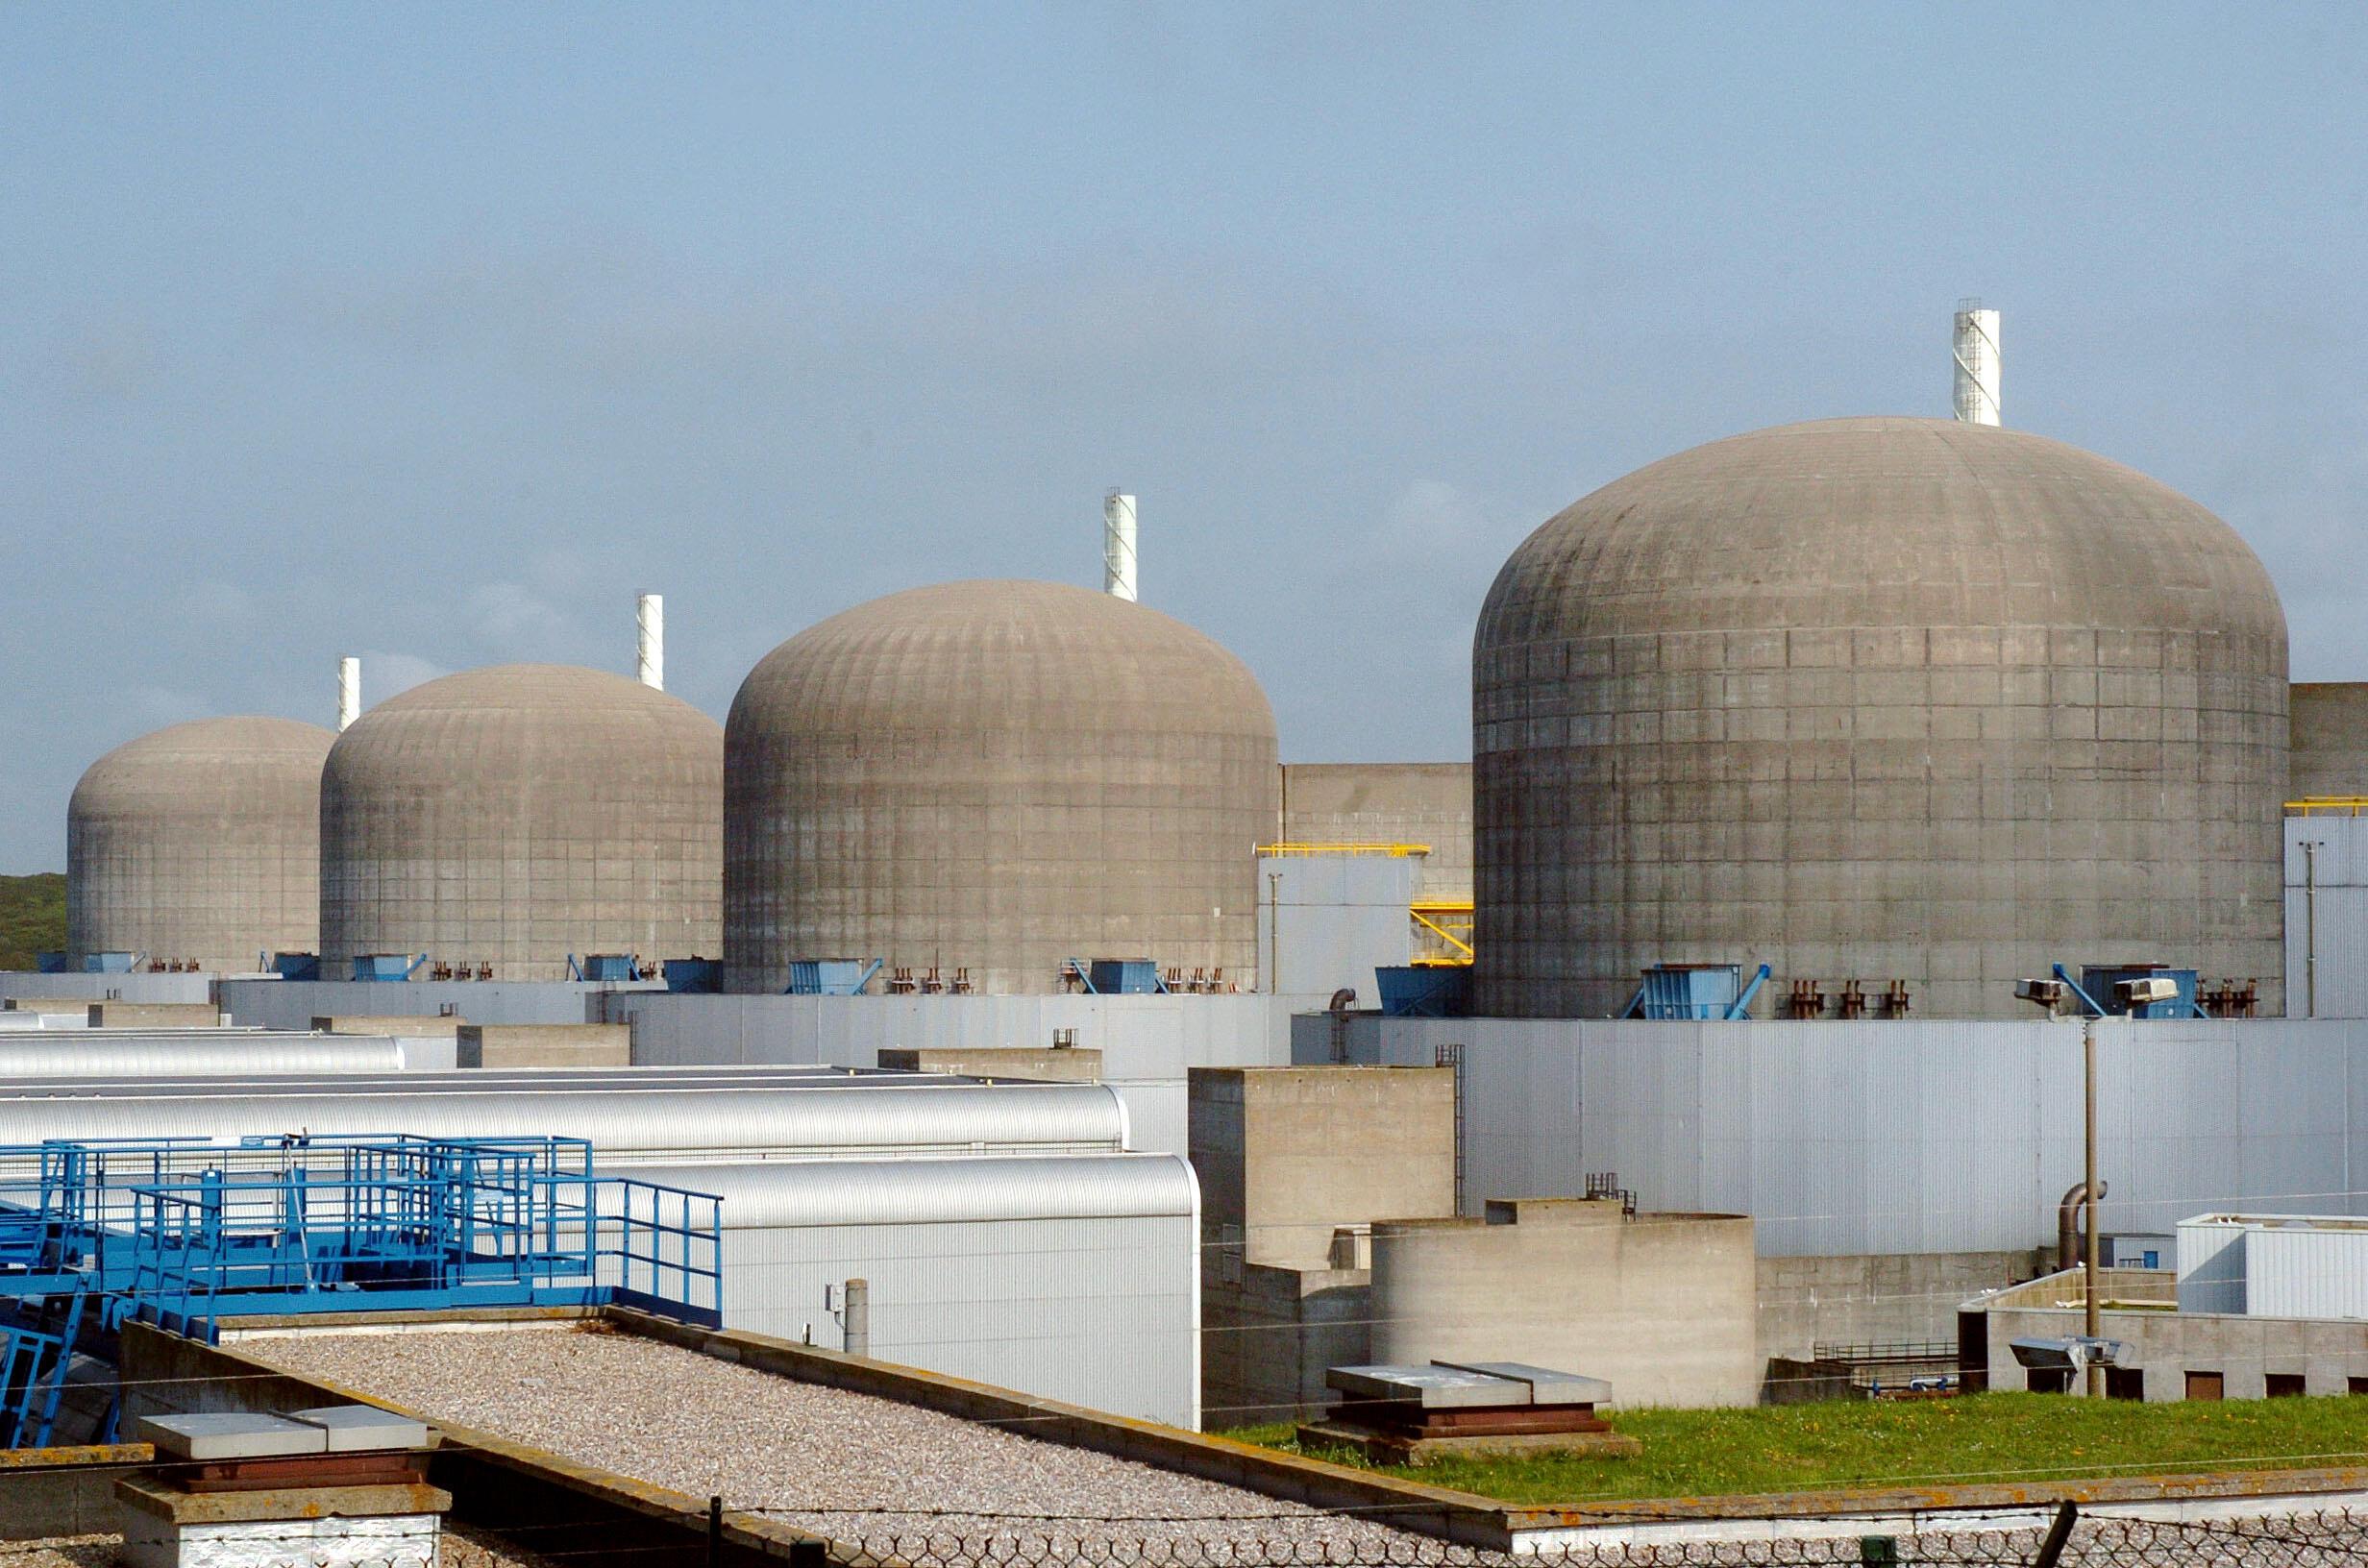 Reatores nucleares da central nuclear de Paluel, no norte da França.